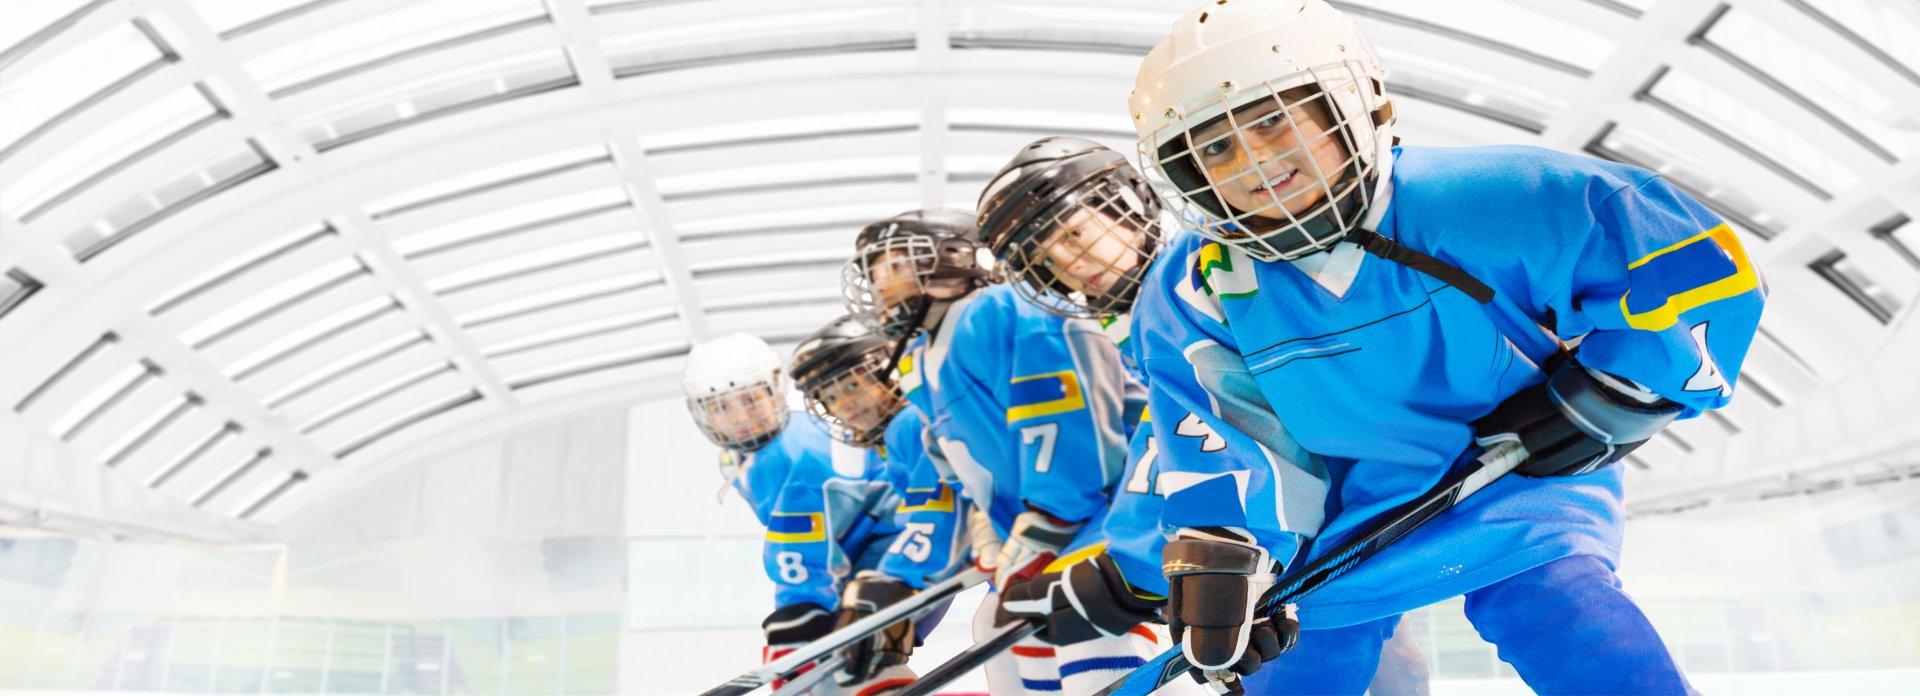 aréna-arénas-patinoire-patinoires-anneau de glace-anneaux de glace